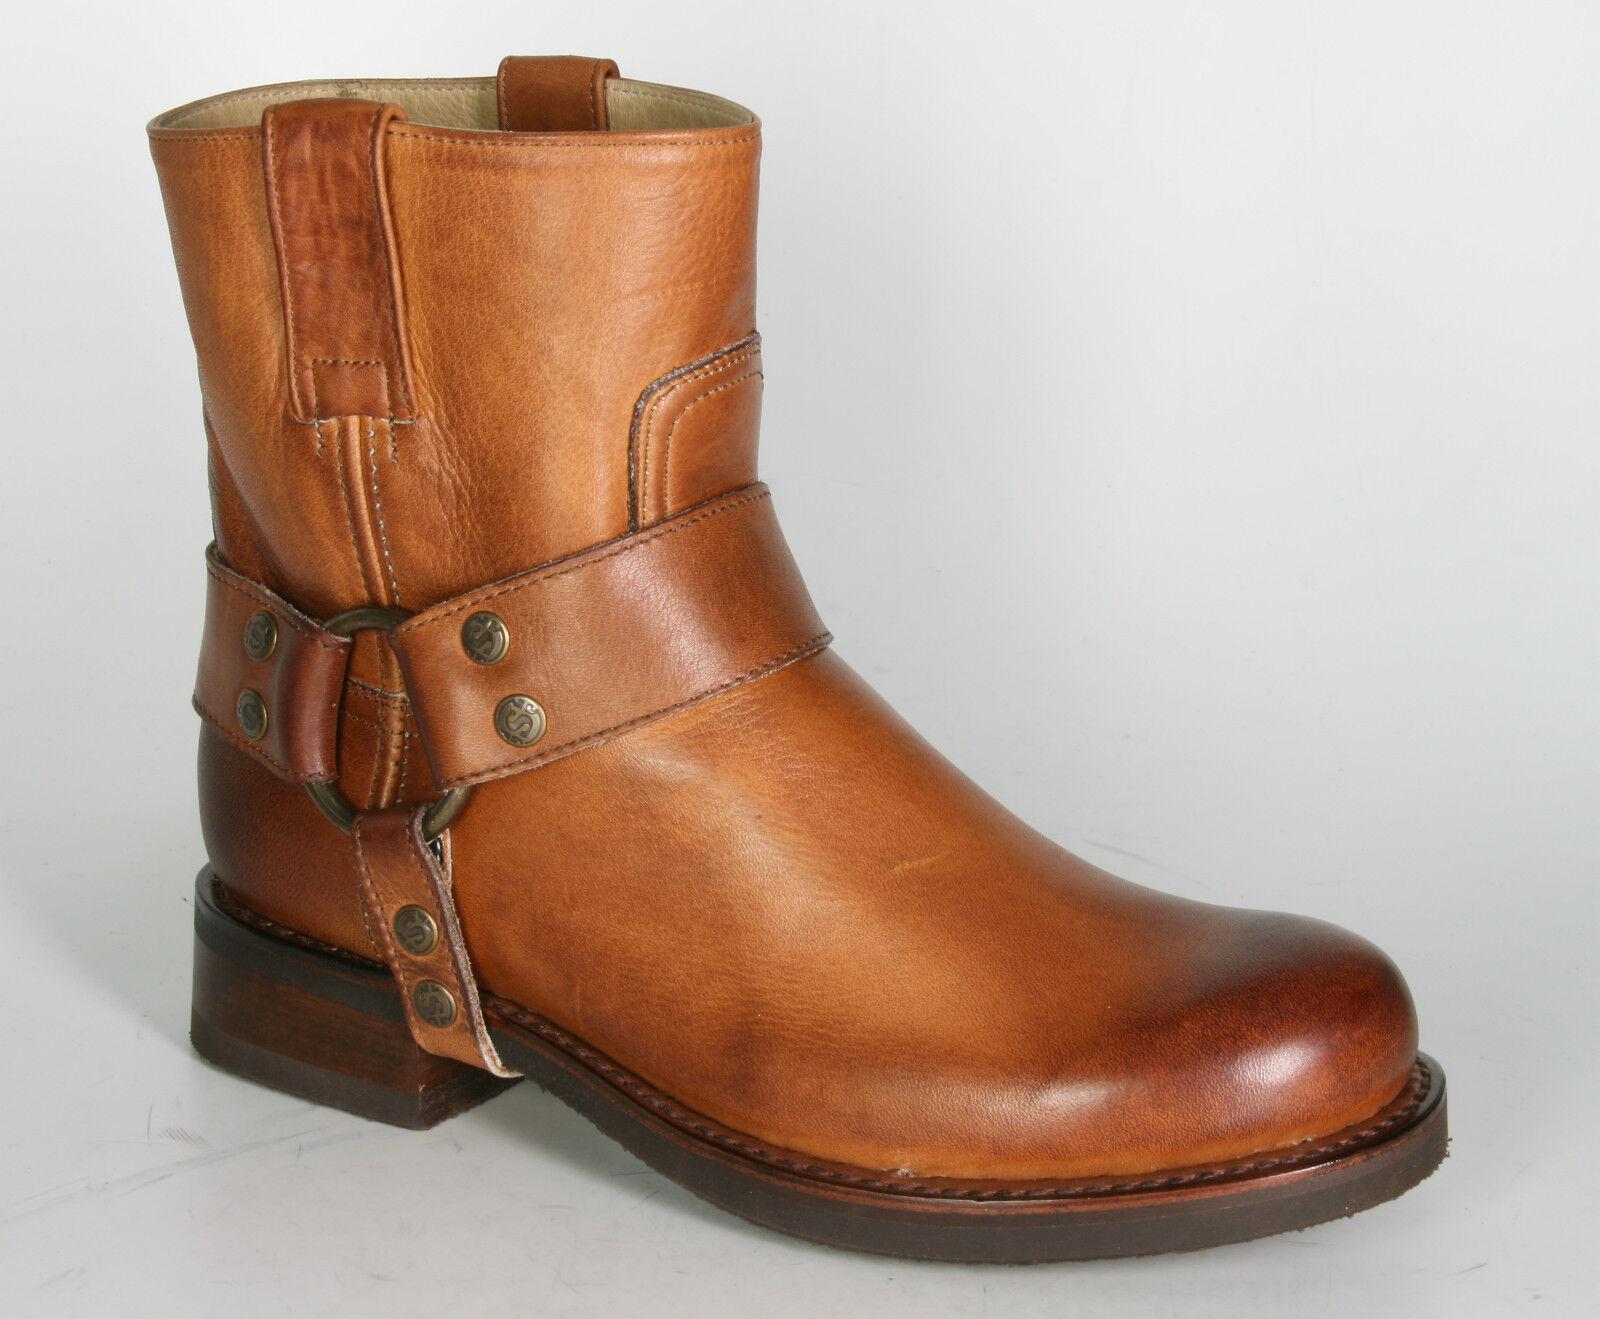 2898f47d0f3 9512 corto Sendra botas motorista Boots chiquita salva miel 47ddd2 ...